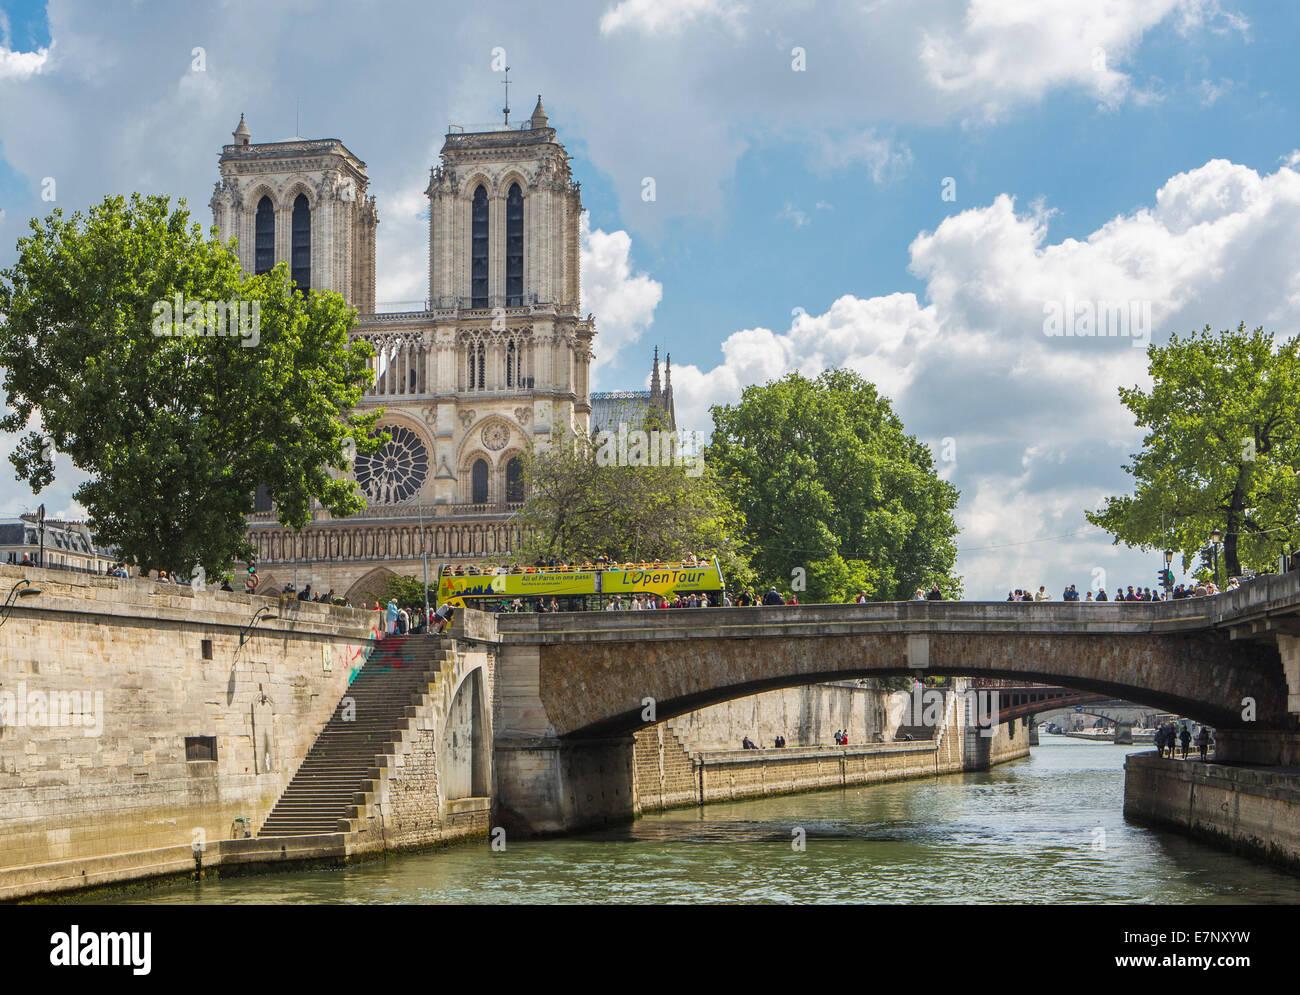 Kathedrale, Stadt, Frankreich, Notre Dame, Paris, Architektur, Brücke, zitieren, Innenstadt, Seine, Tourismus, Stockbild